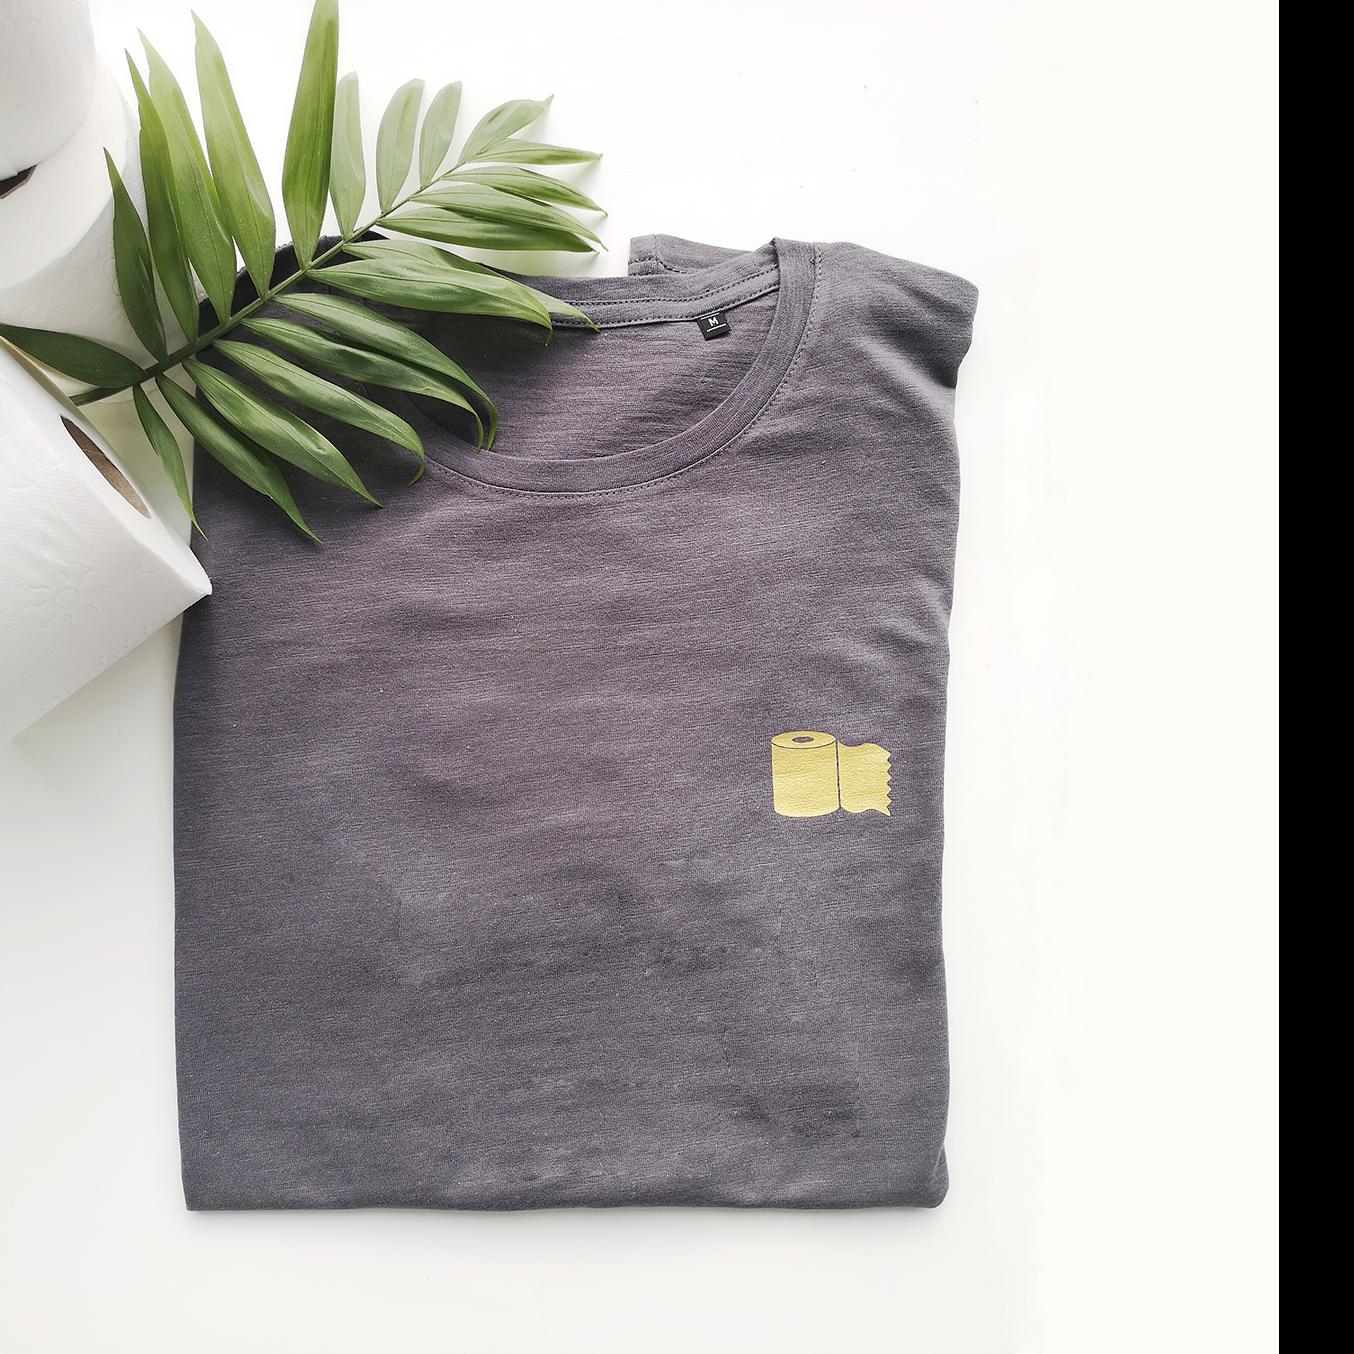 T-shirt golden toiletpaper - MEN